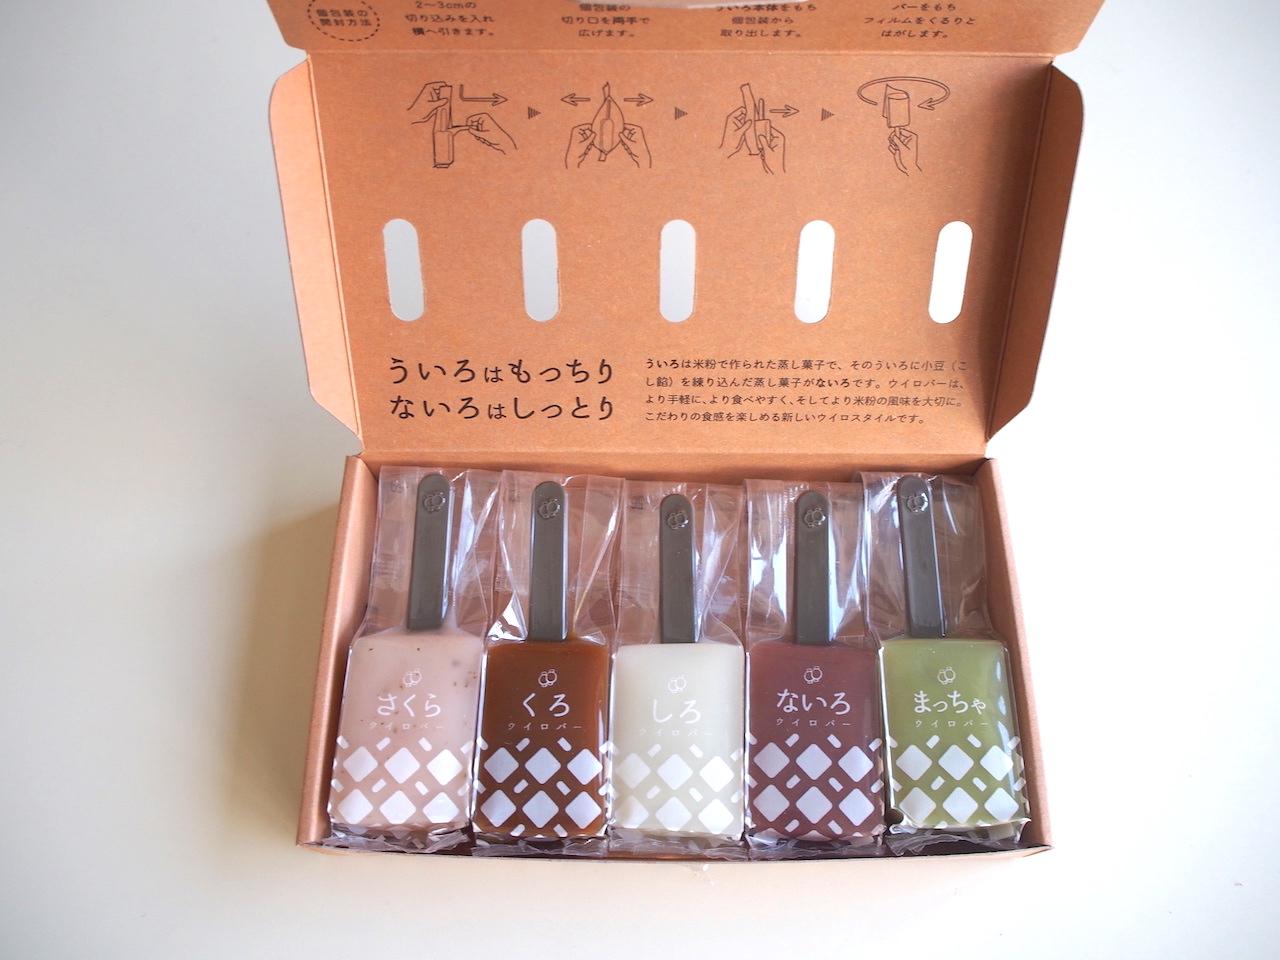 女性向け・名古屋土産の新定番!大須ういろの『ウイロバー』&『ういろモナカ』 - PC220080